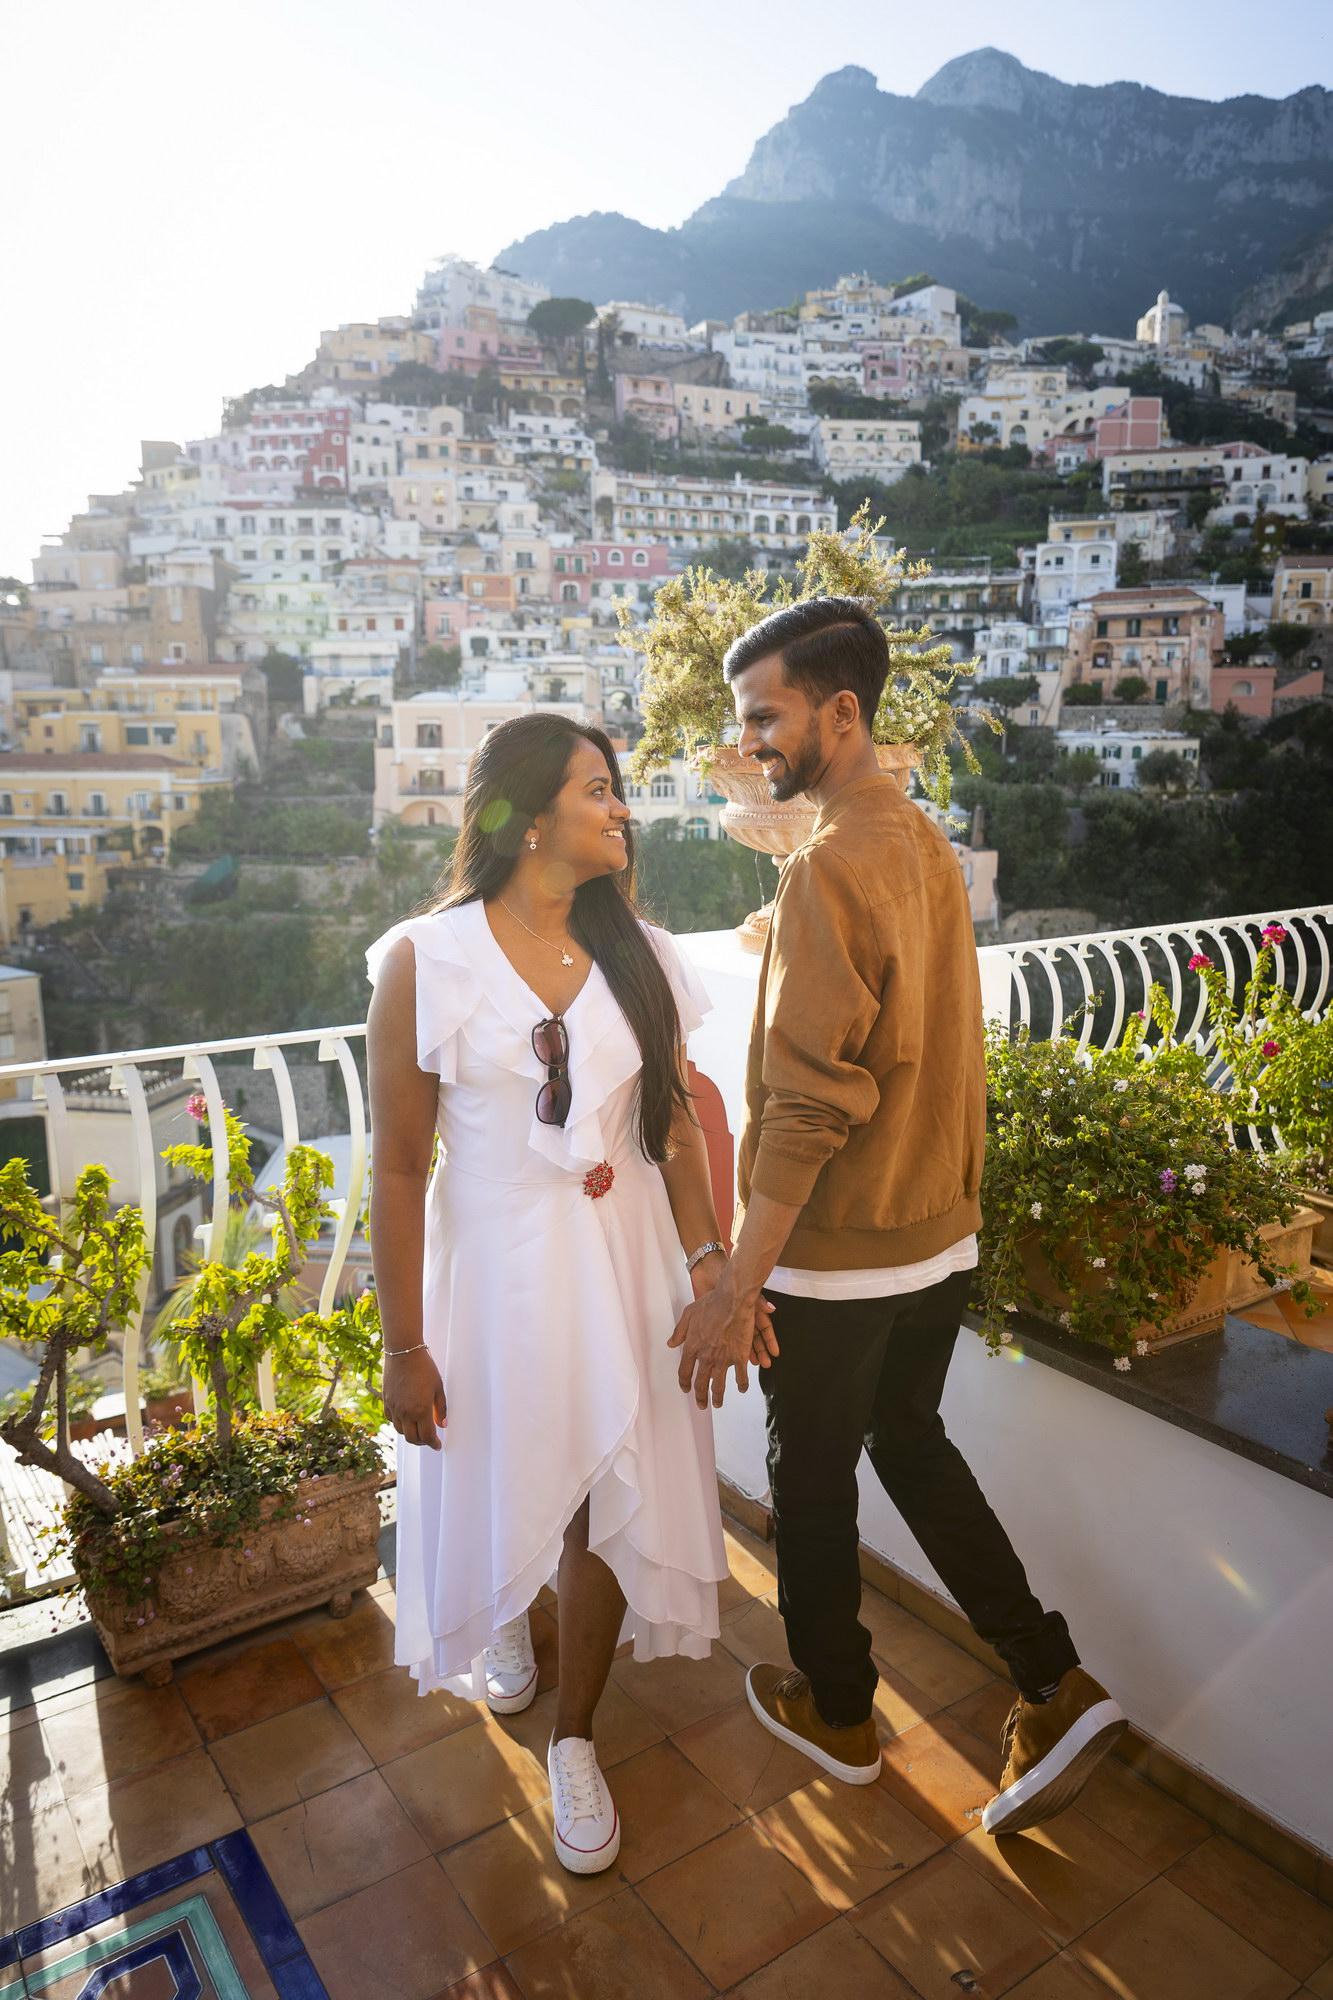 Picture-Perfect Wedding Proposal in Positano Andrea Matone14